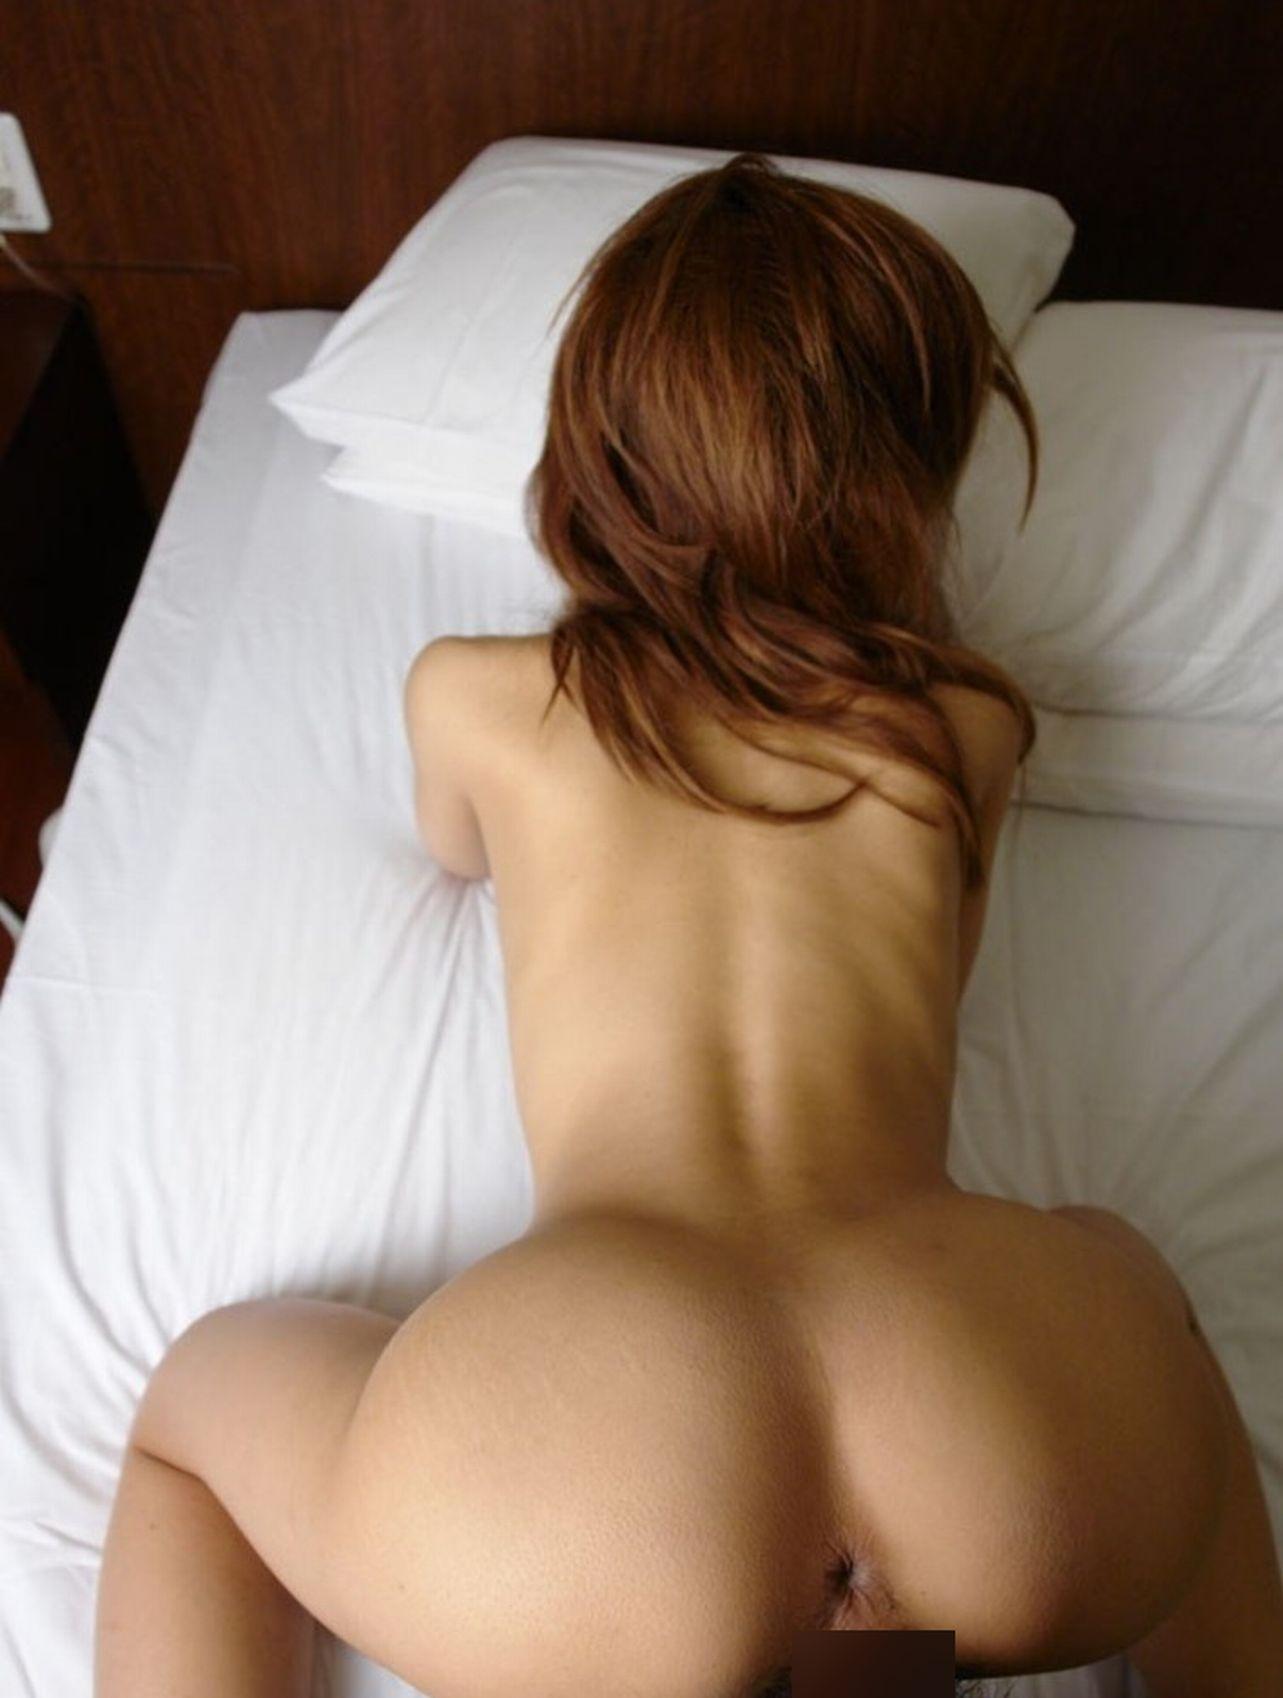 マンコとチンポが結合中のセックス画像 20